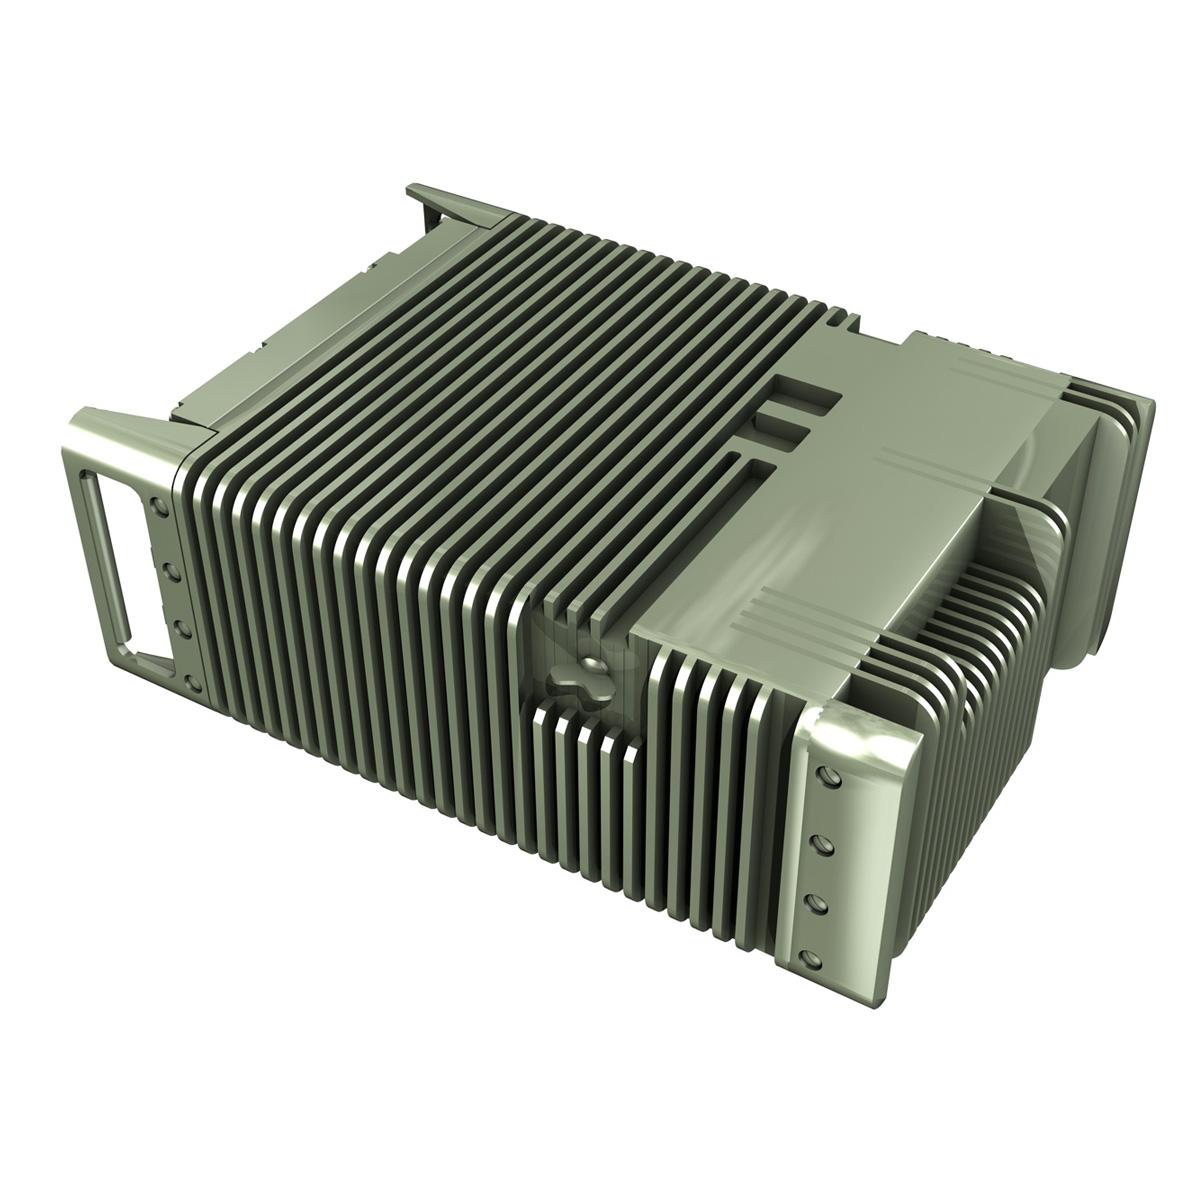 uhf military data radio 3d model 3ds fbx c4d lwo obj 189262